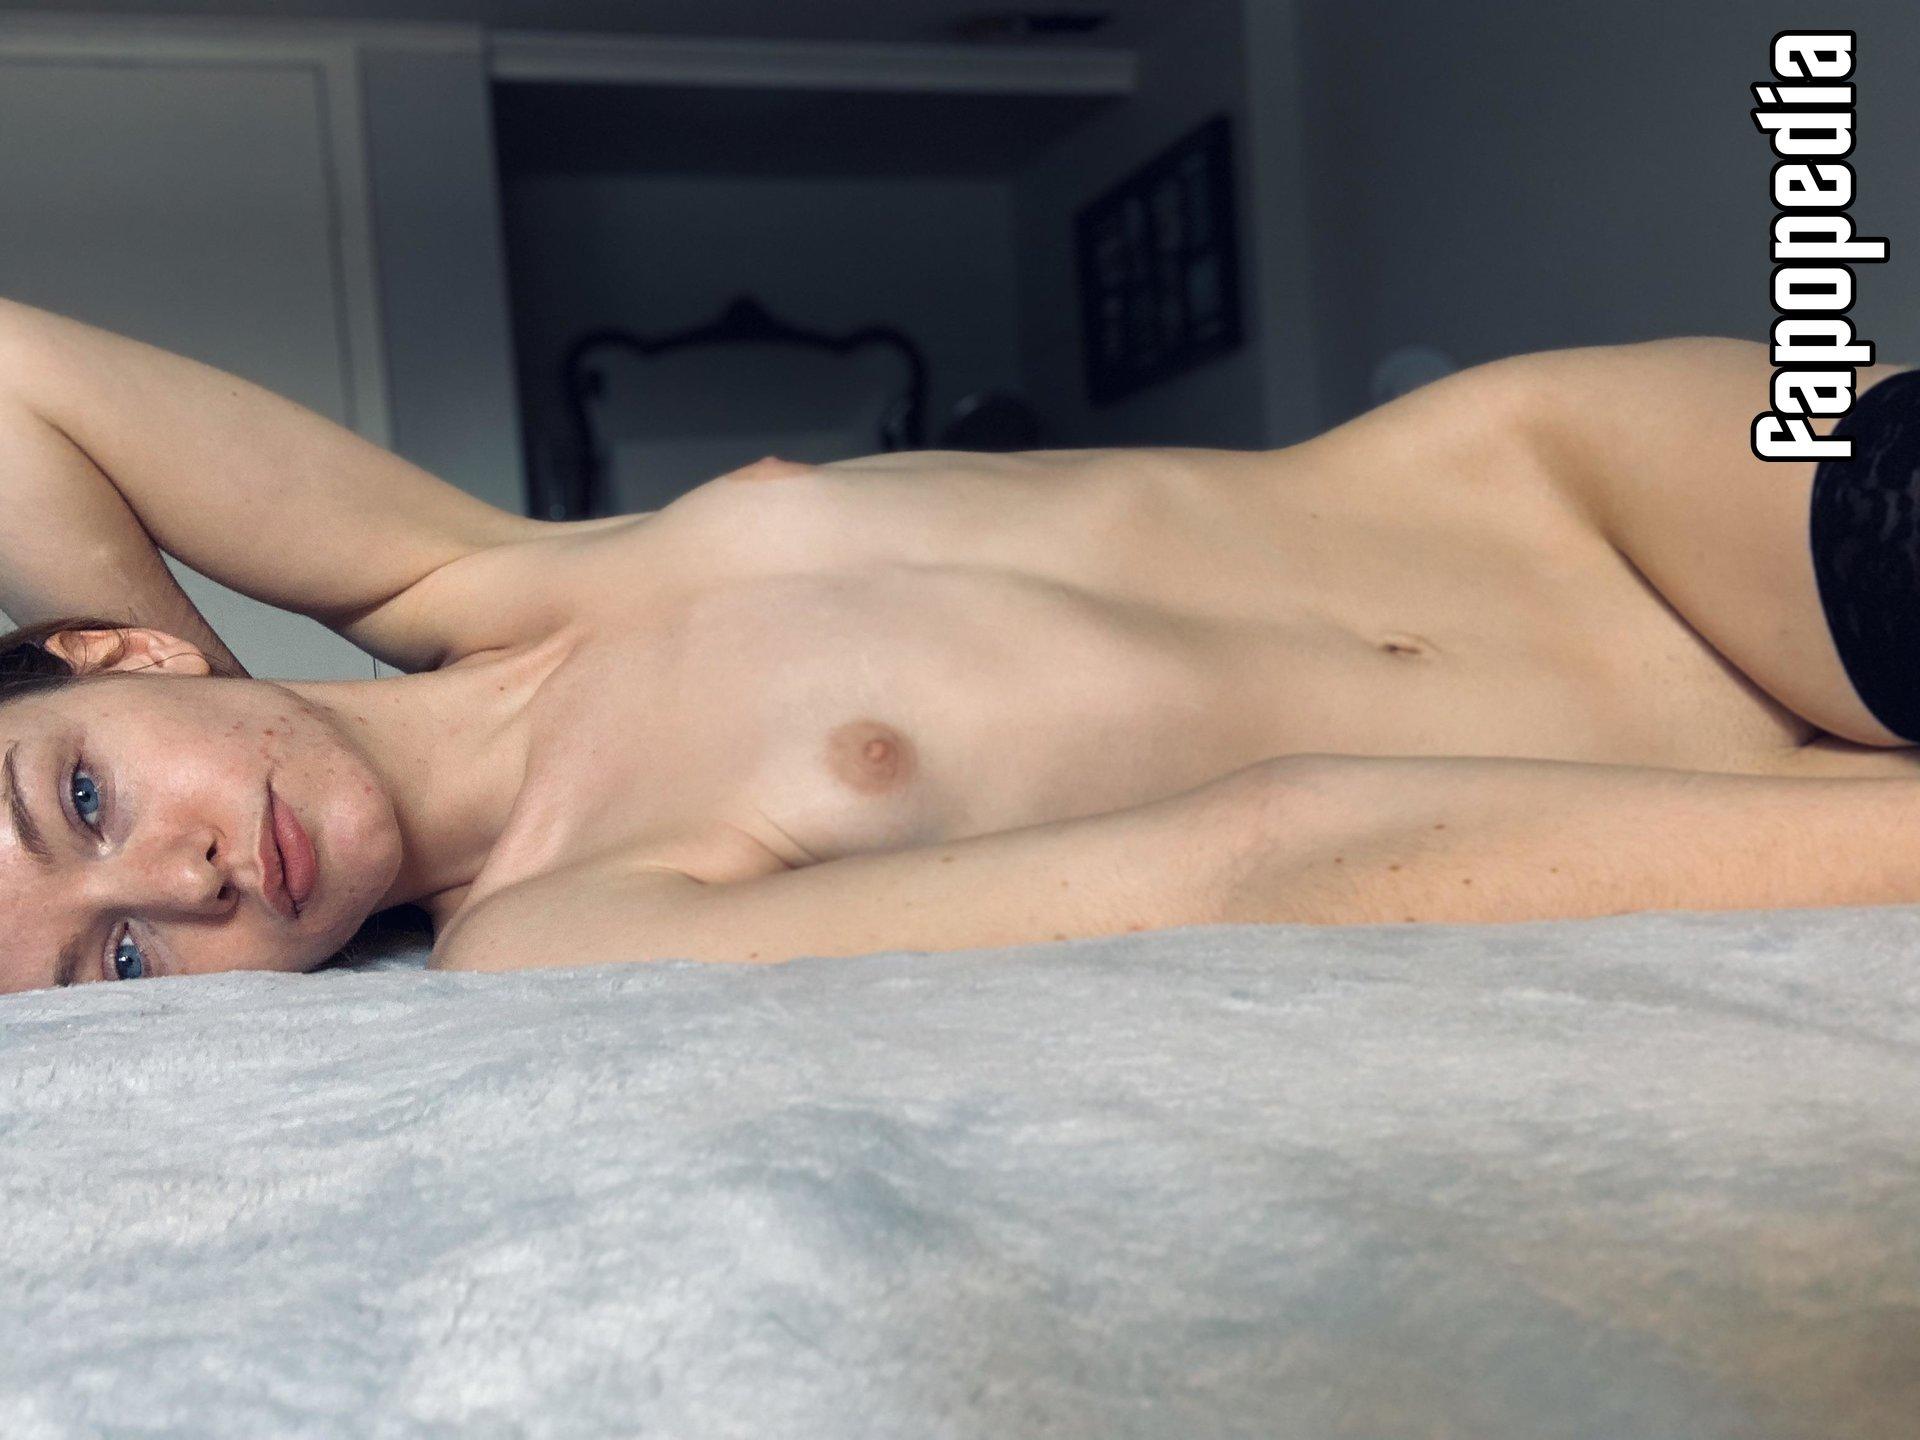 Cutegirrafe Nude Leaks